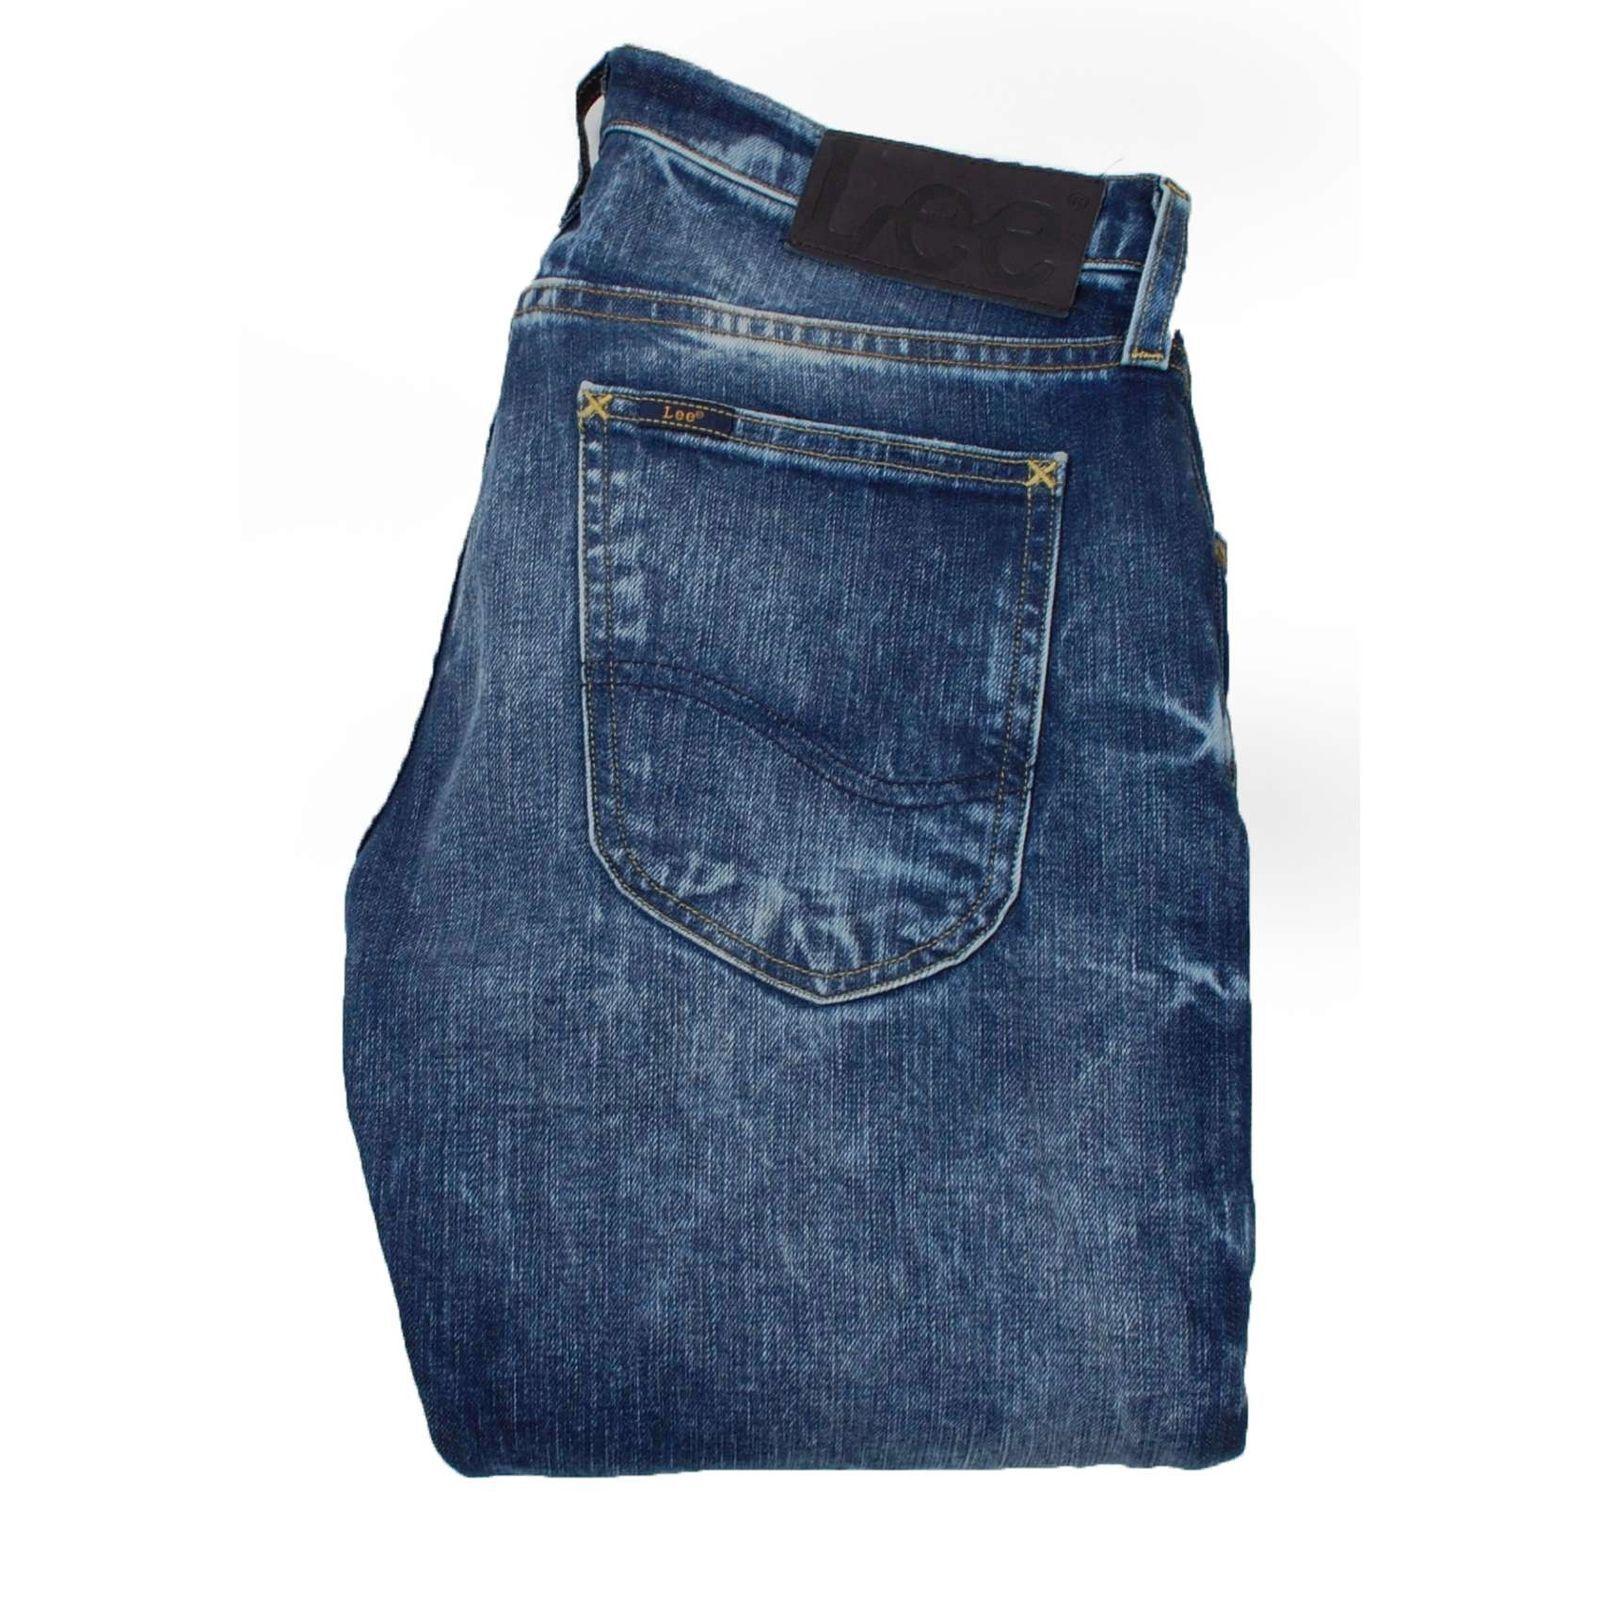 LEE Luke Slim Fit bluee men Jeans Size 28 32